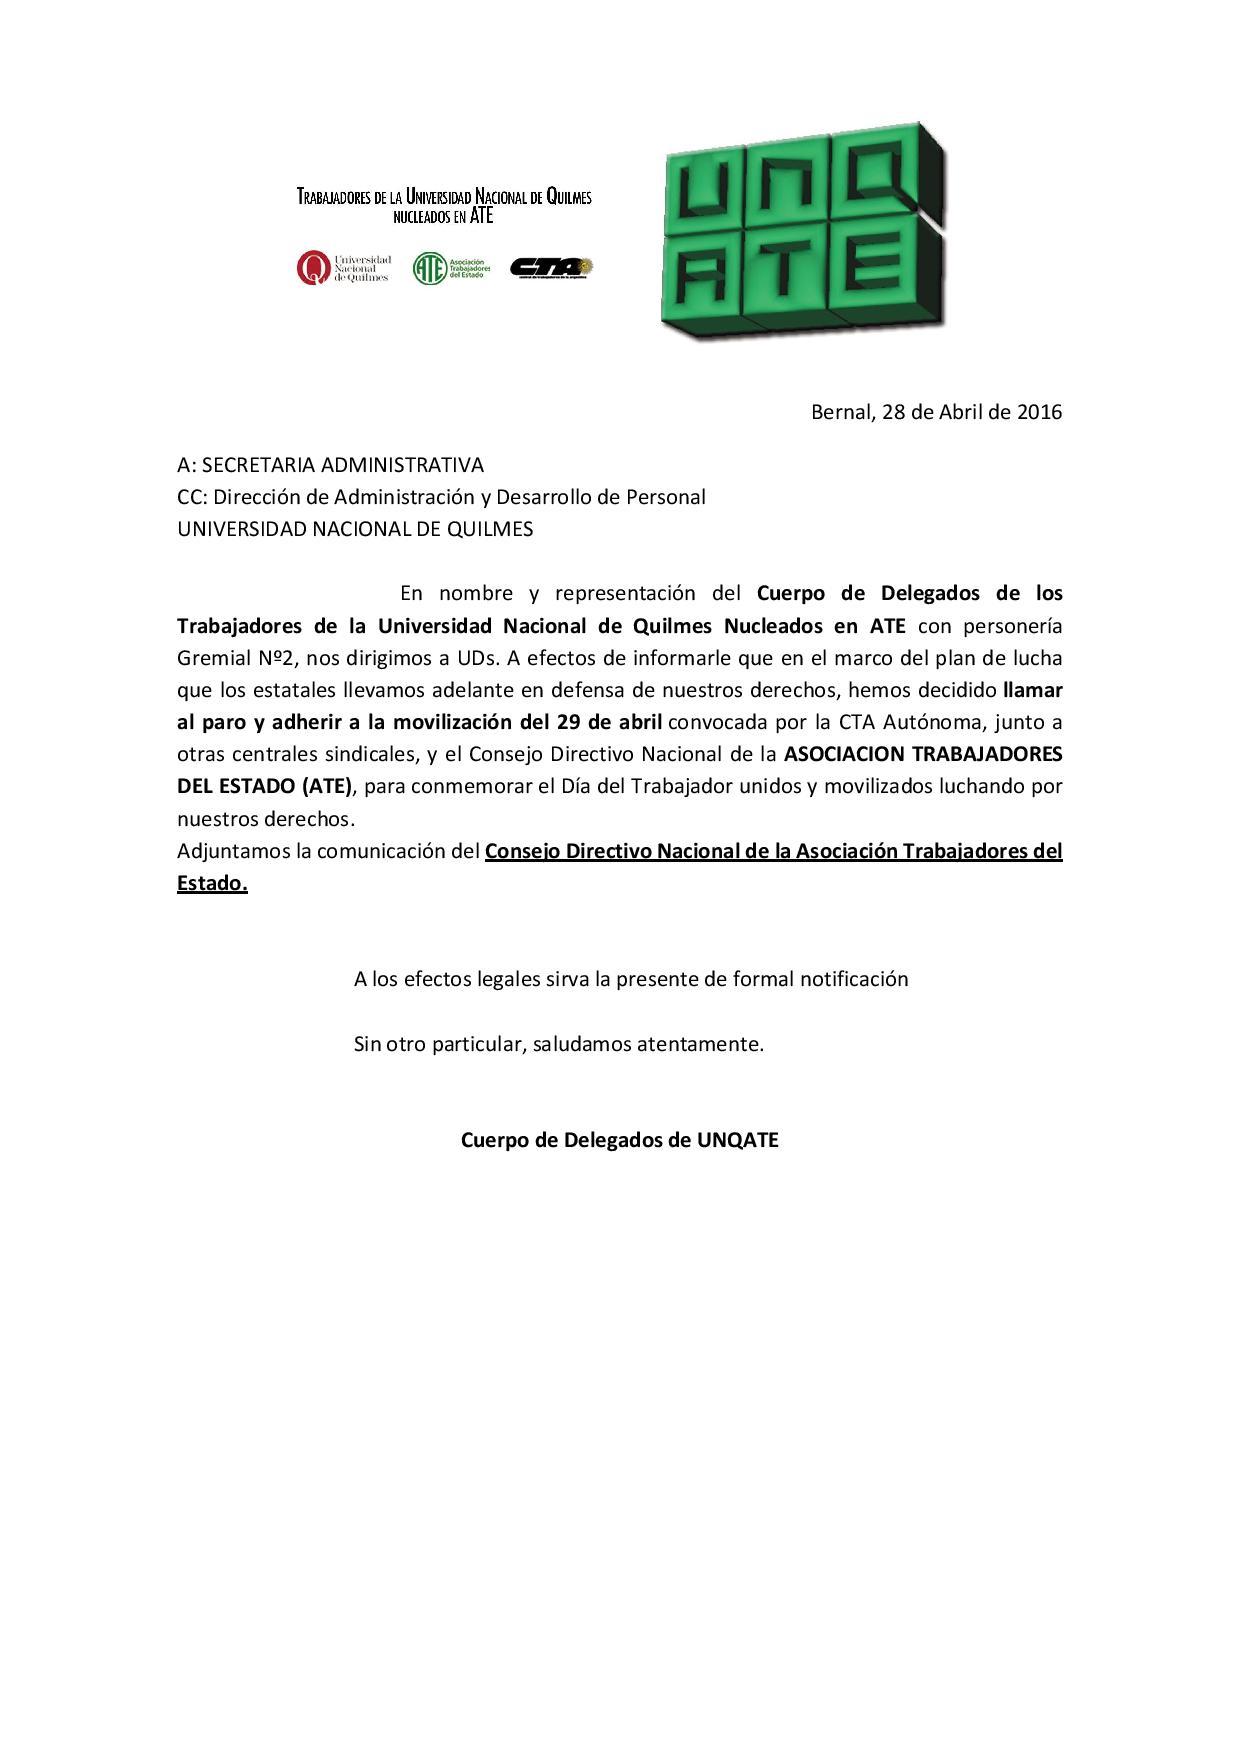 Notifiacion-PARO-290416-page-001